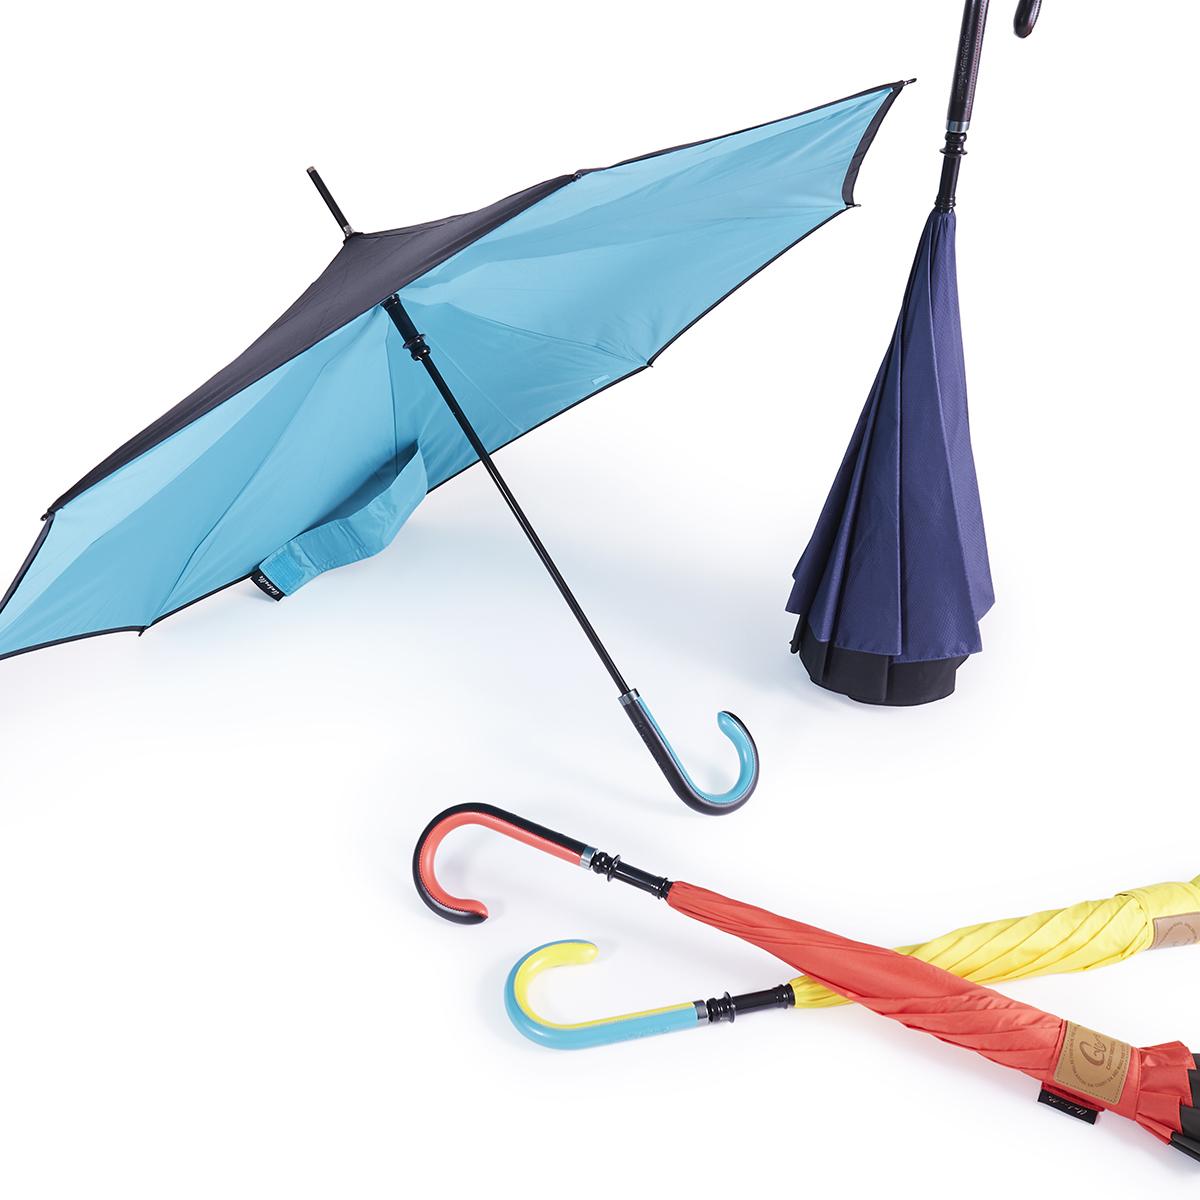 """""""逆さ""""に開く傘 《シティーモデル》雨の日でも自分も濡れない、周りの人も濡れない。""""逆さ""""に開く長傘 CARRY saKASA"""